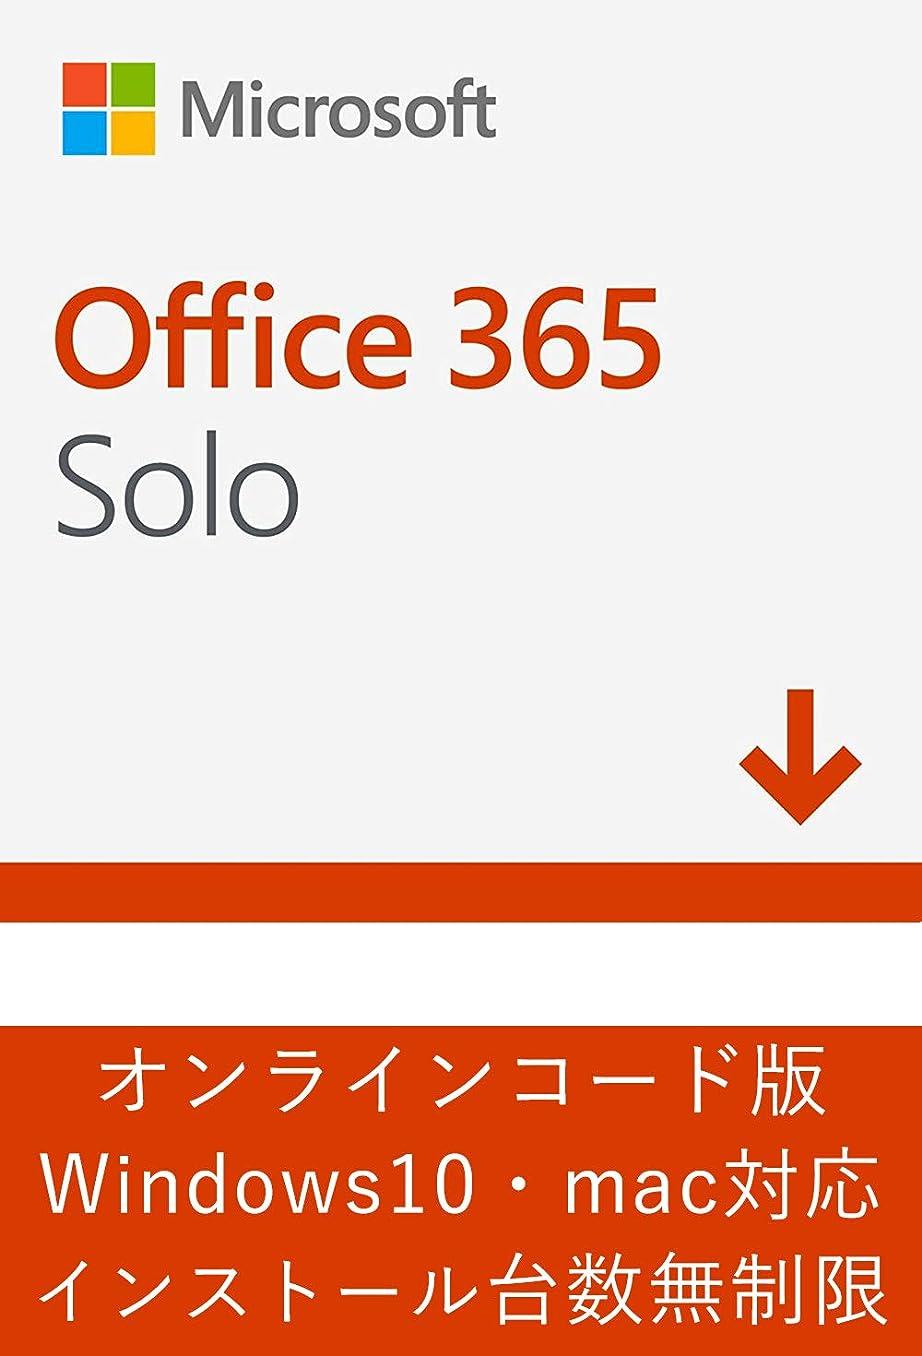 石油リゾートバーベキューMicrosoft Office 365 Solo (最新 1年版)|オンラインコード版|Win/Mac/iPad|インストール台数無制限(同時使用可能台数5台)